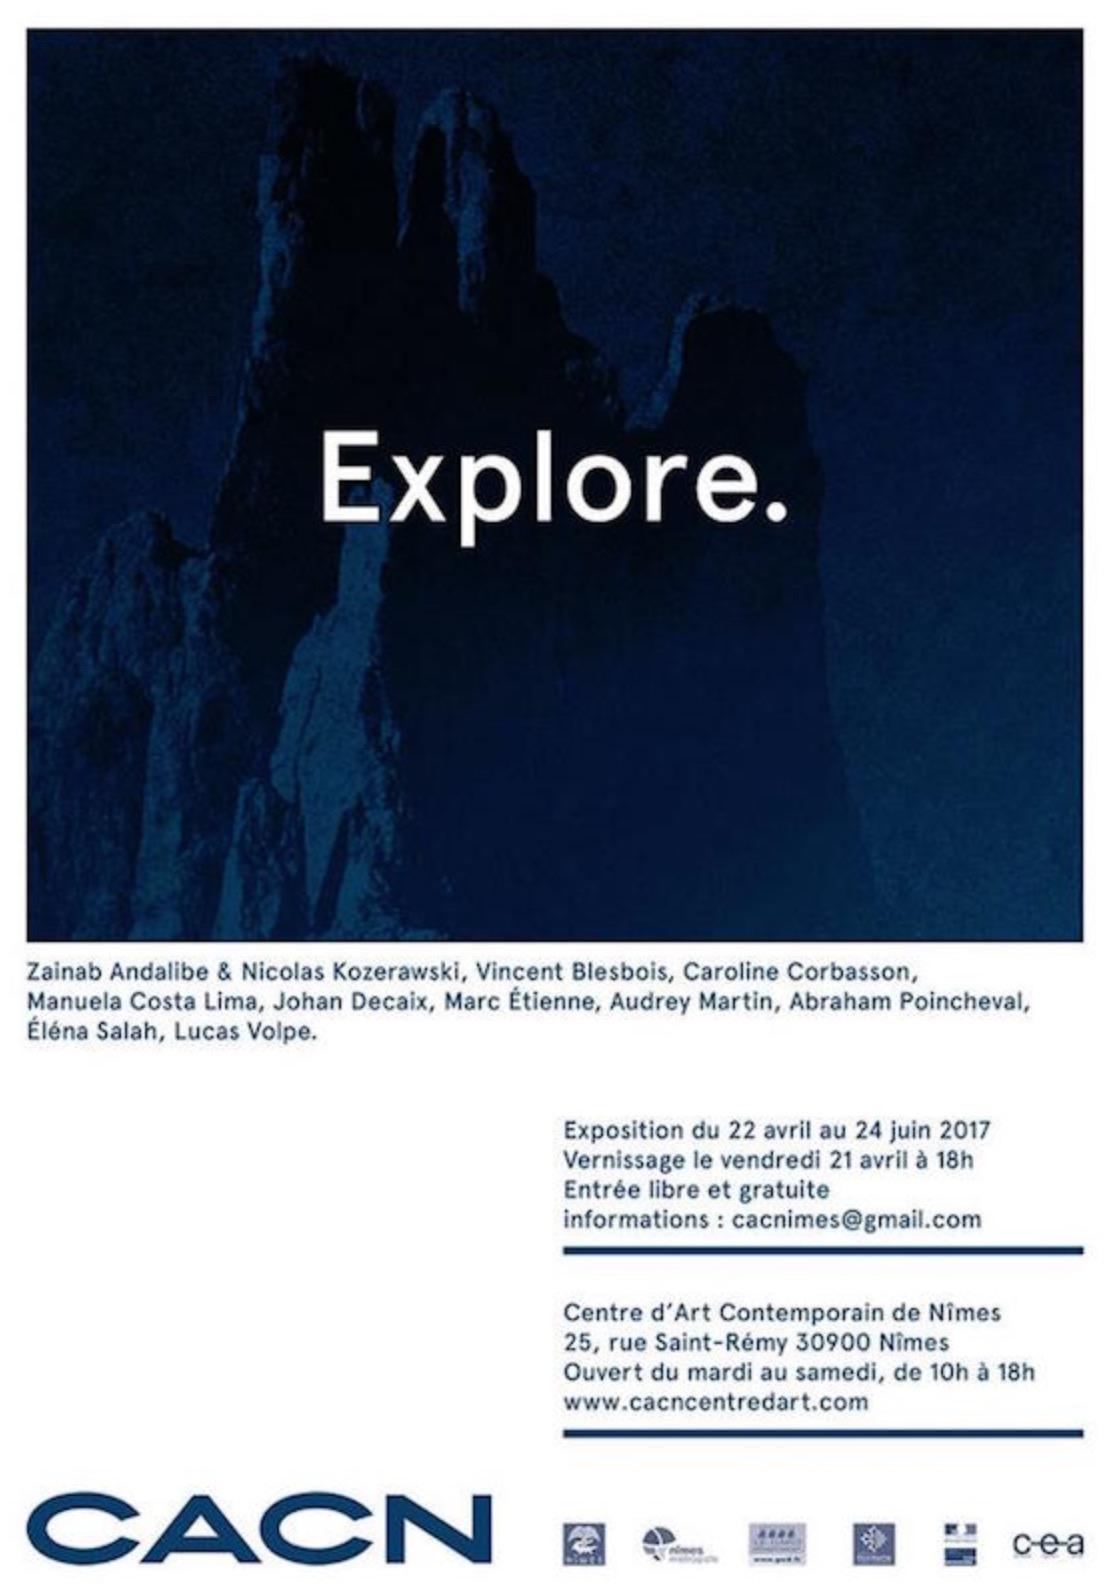 [EXPO] 21.04→24.06 – EXPLORE – EXPOSITION INAUGURALE DU CENTRE D'ART CONTEMPORAIN DE NÎMES